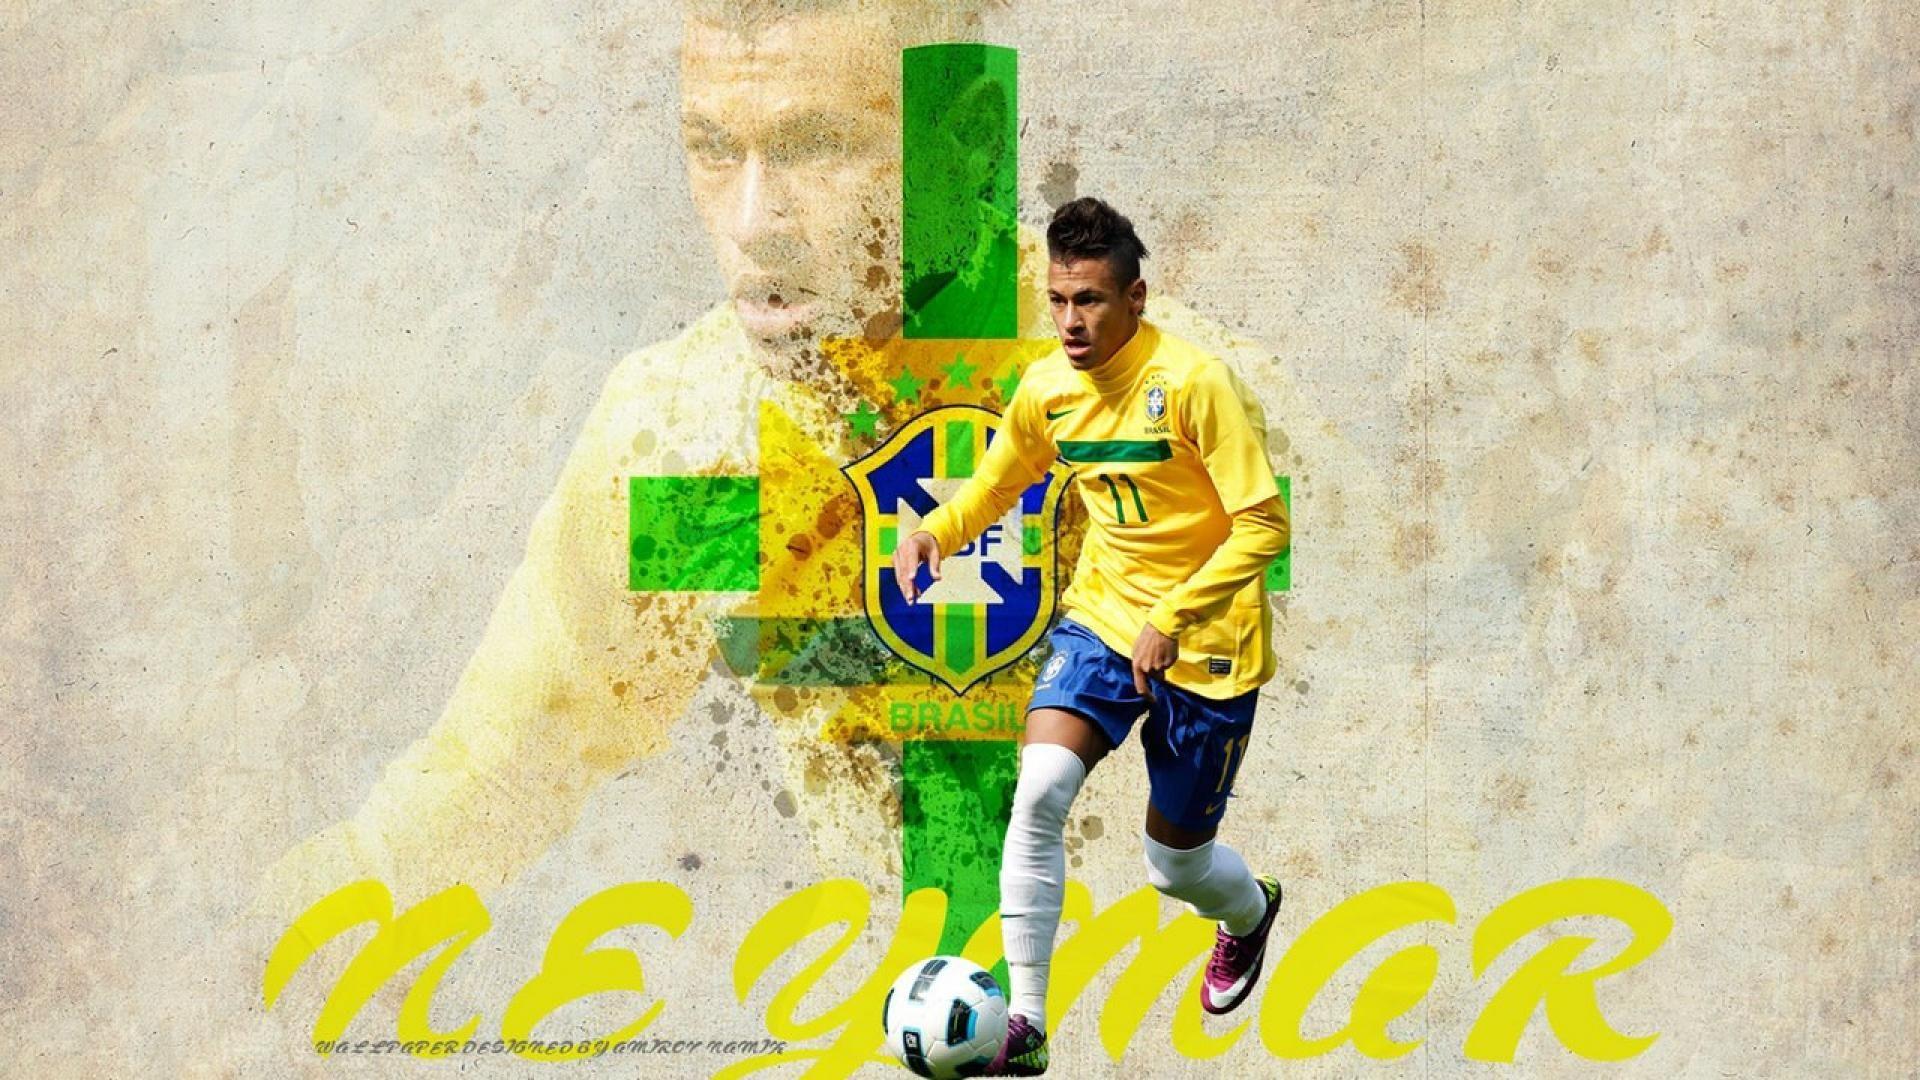 Hd wallpaper neymar - Neymar Jr Wallpapers Hd Wallpaper 1920 1080 Neymar Wallpaper 53 Wallpapers Adorable